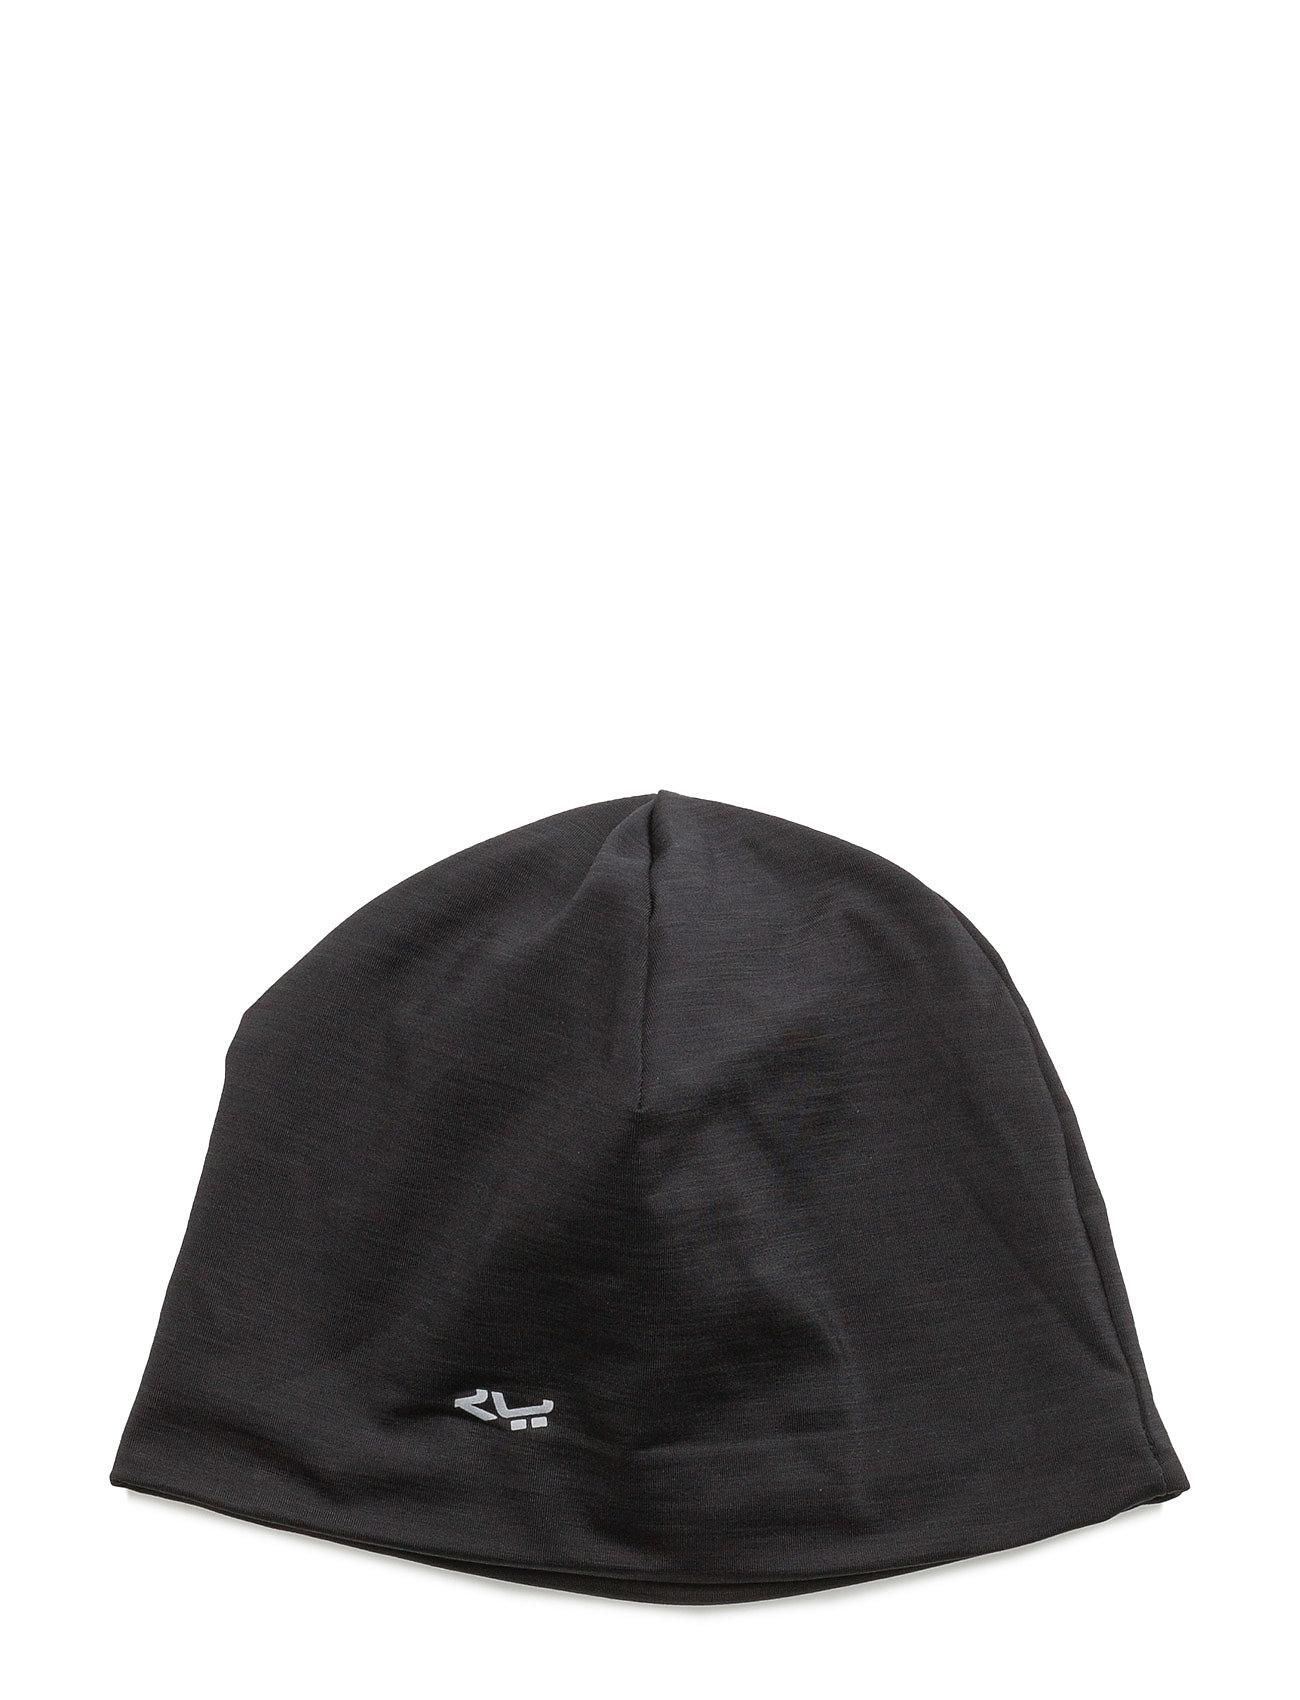 rã¶hnisch – Keep warm hat på boozt.com dk